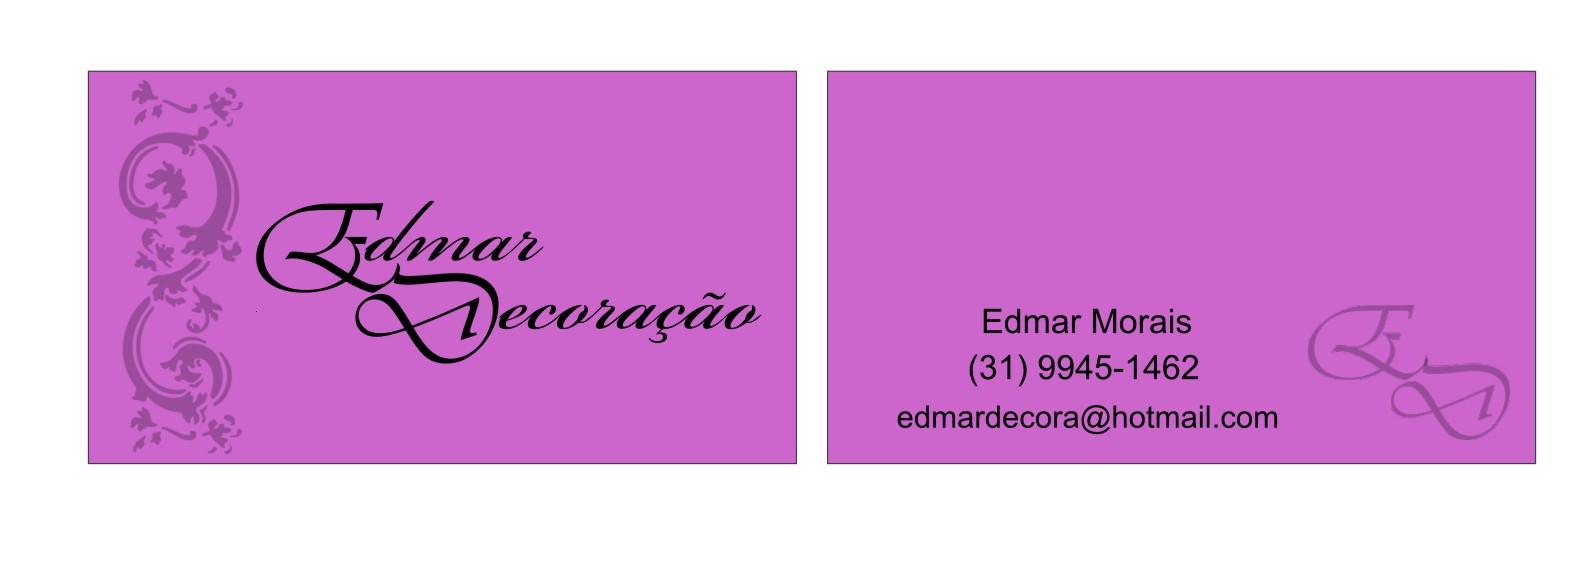 Suficiente Roberta Guedes: Cartão de visita - Edmar Decoração CY94